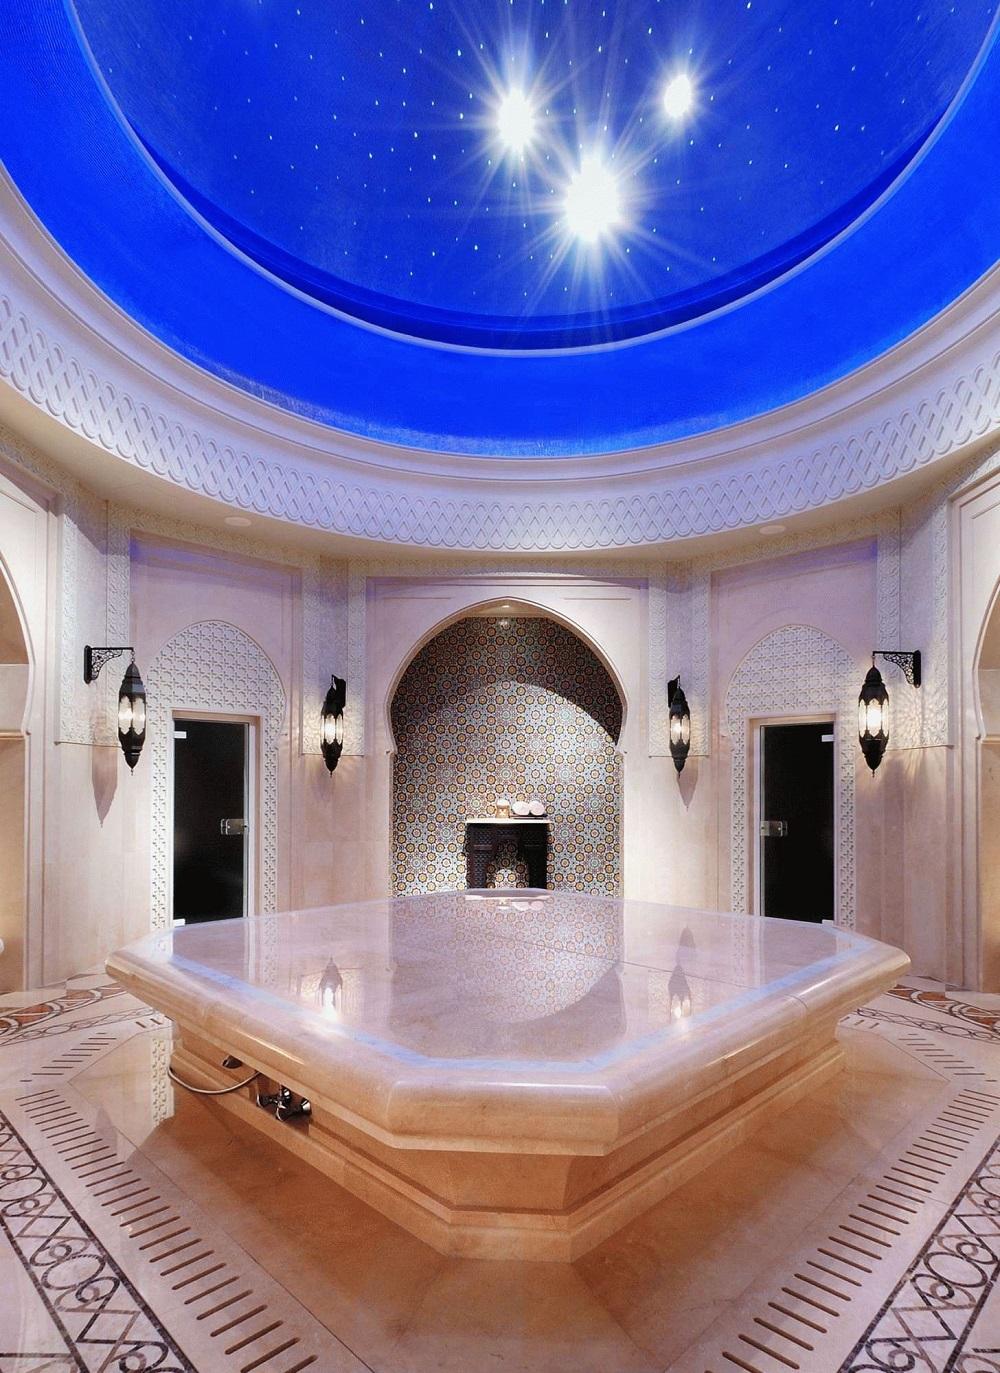 Небольшая баня хамам с интересным цветовым оформлением